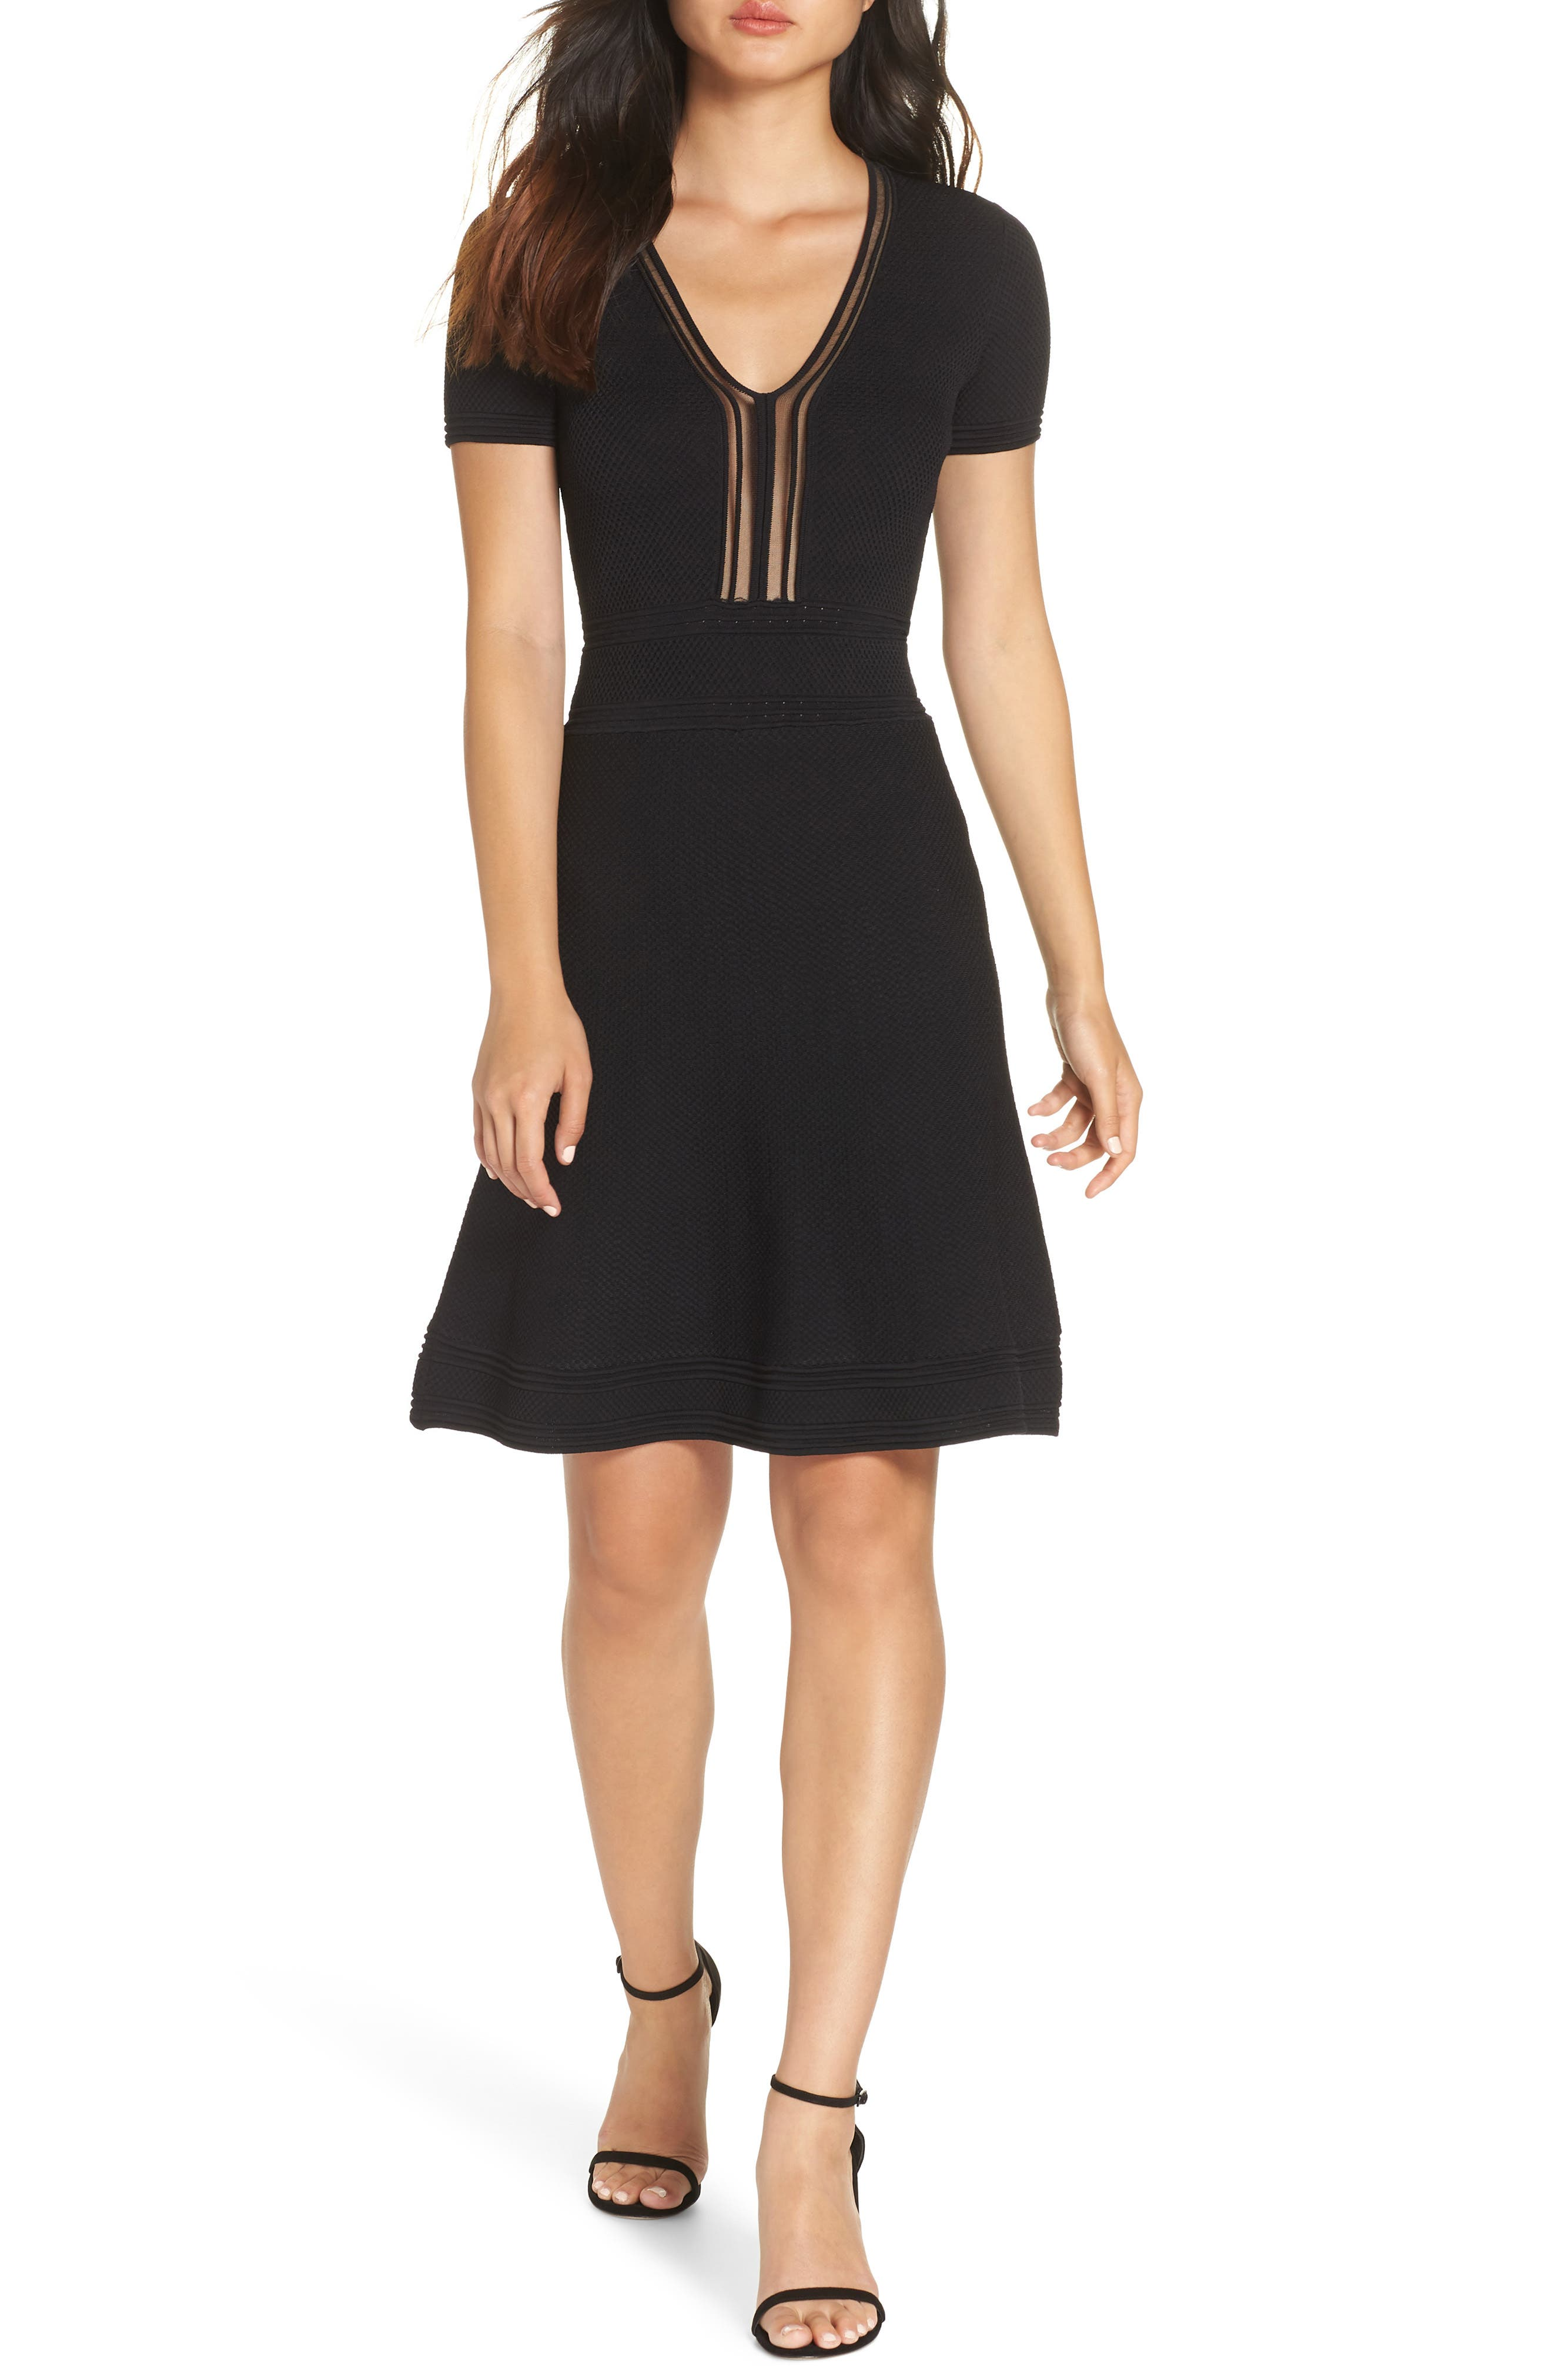 Ellie Knits V-Neck Fit & Flare Dress,                         Main,                         color, BLACK